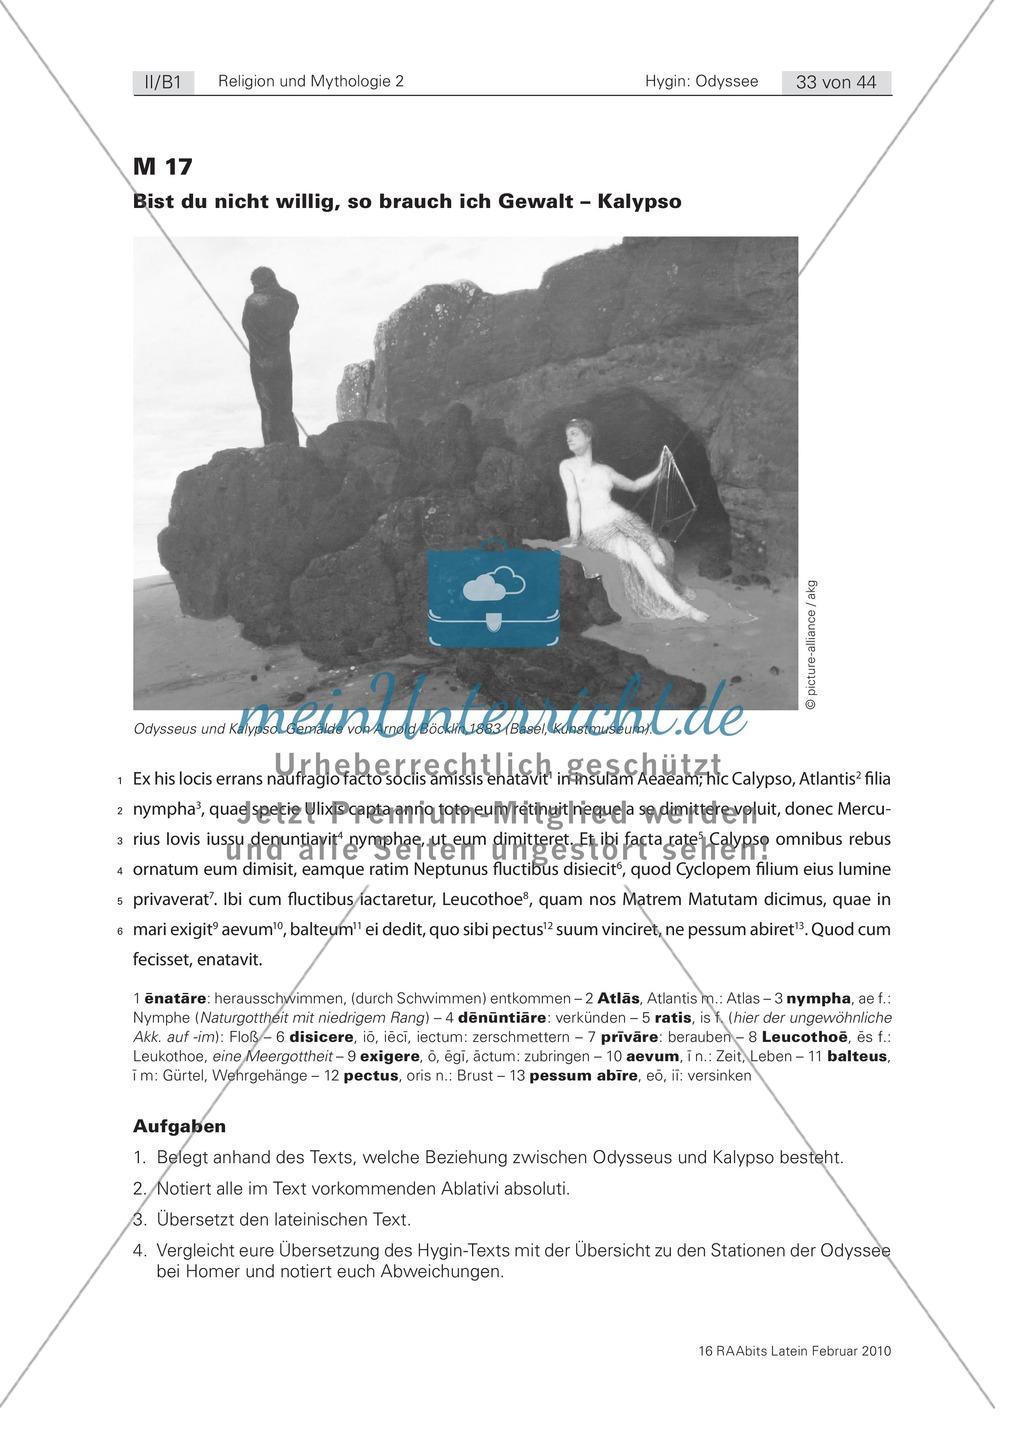 Eine Liebe auf Augenhöhe?: Die Beziehung von Kalypso und Odysseus. Mit Bild und Text zum Übersetzen Preview 0